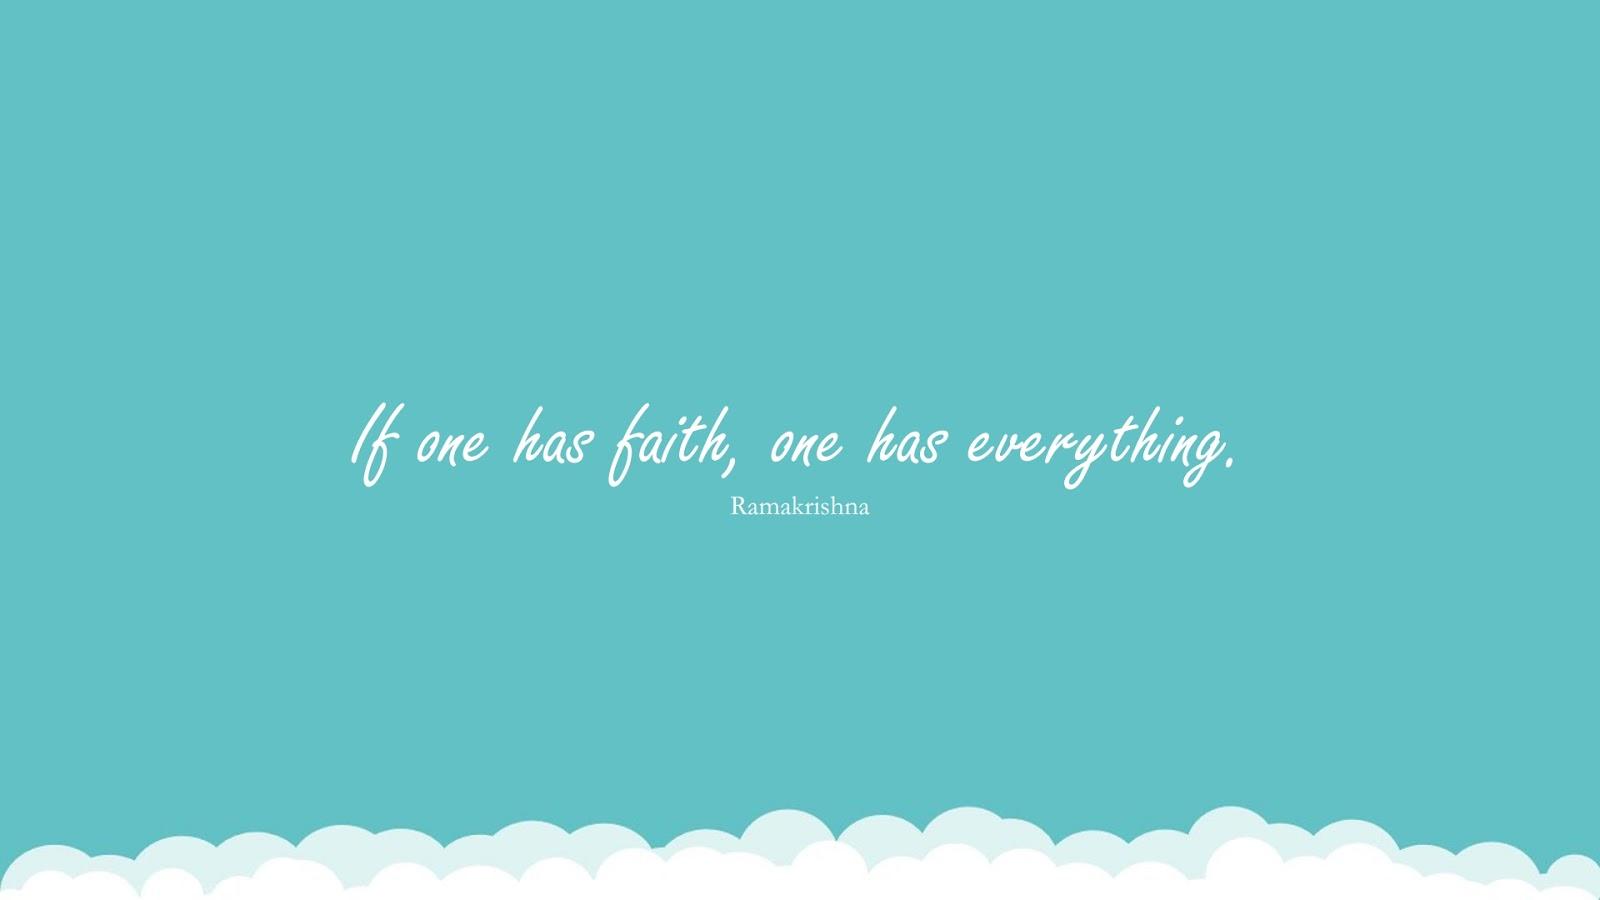 If one has faith, one has everything. (Ramakrishna);  #HardWorkQuotes